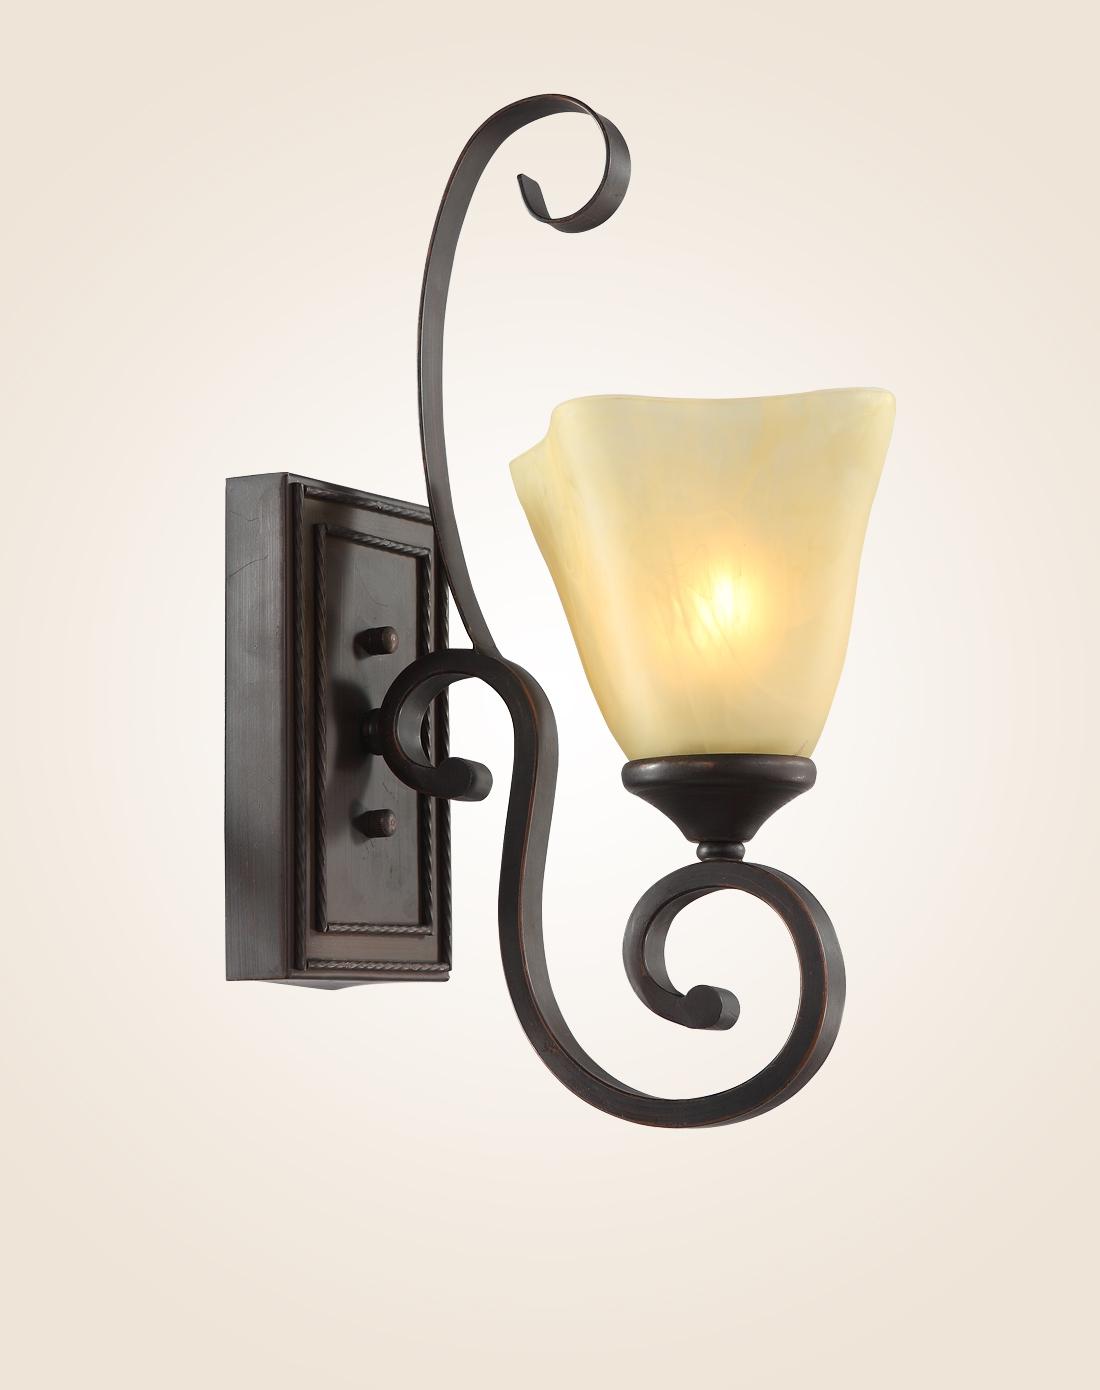 经典美式壁灯 复古铁艺客厅灯具